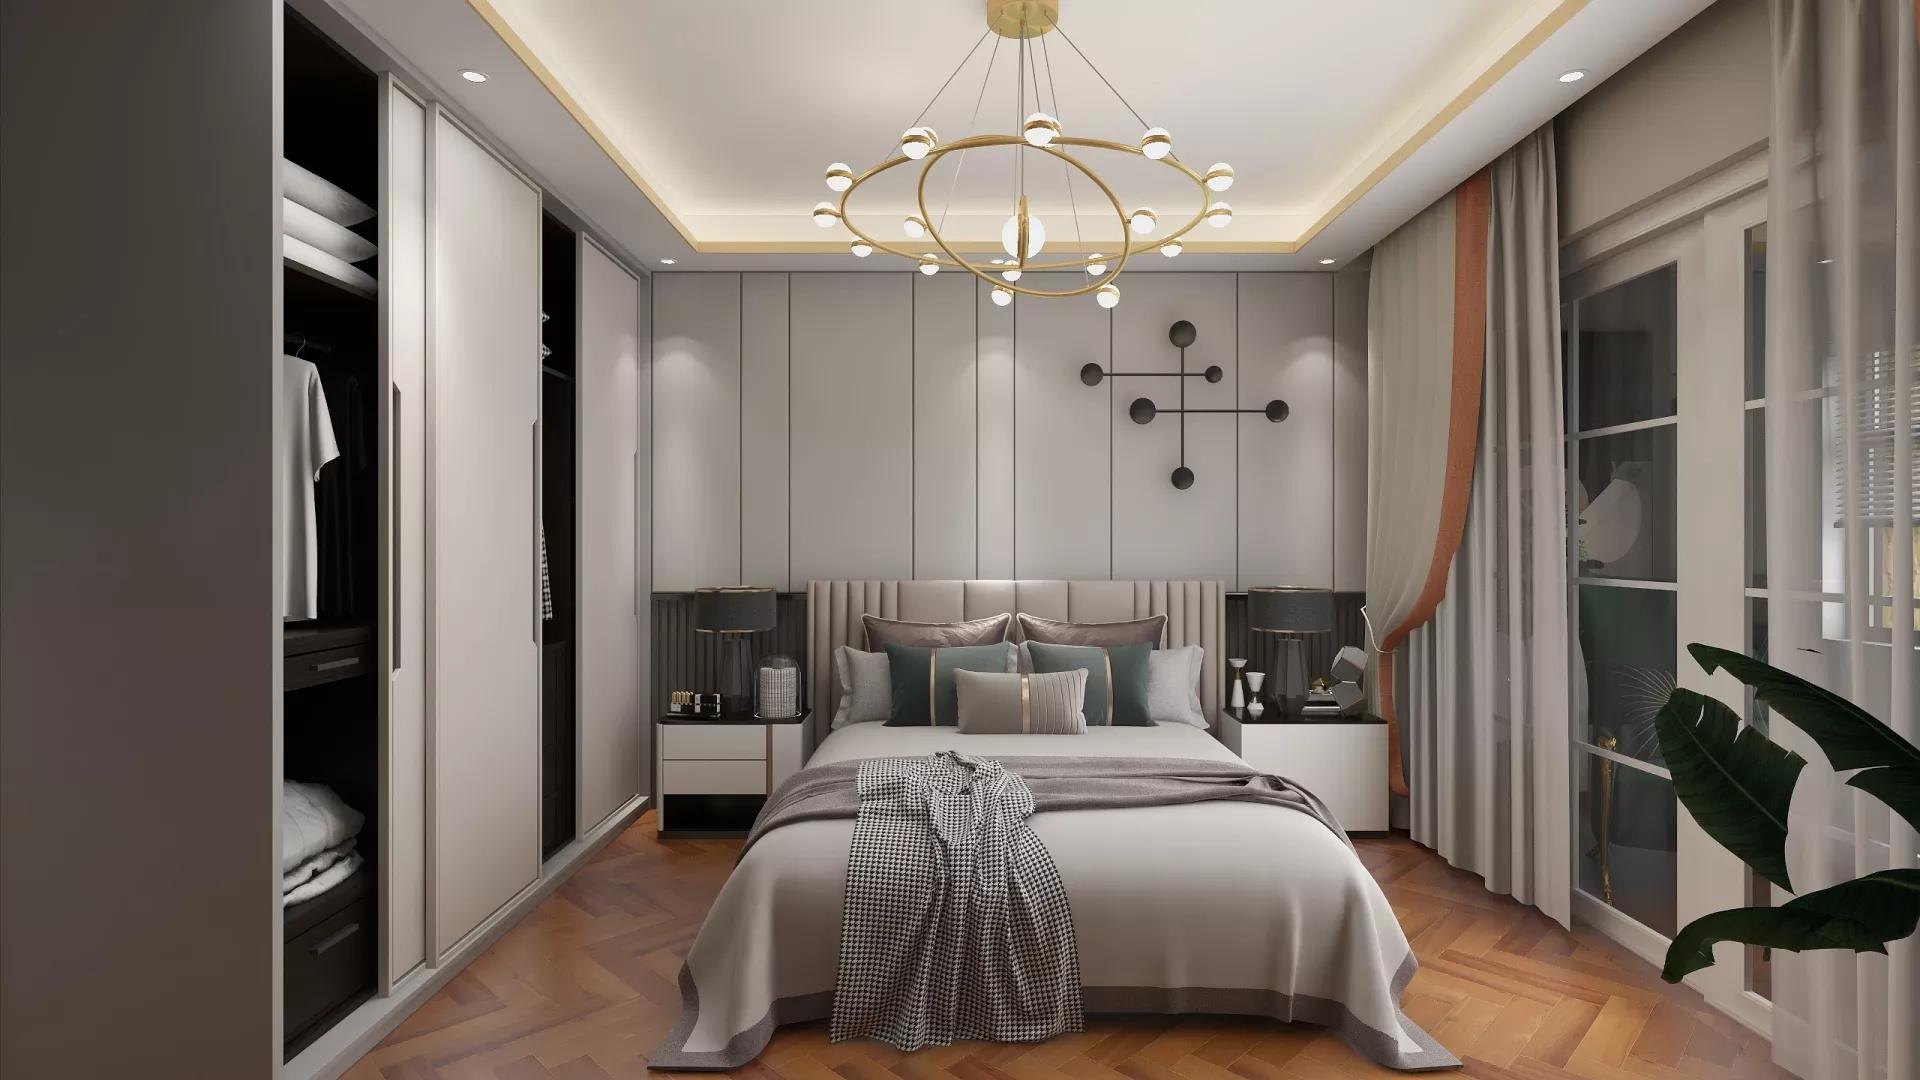 日式简约温馨风格客厅装修效果图